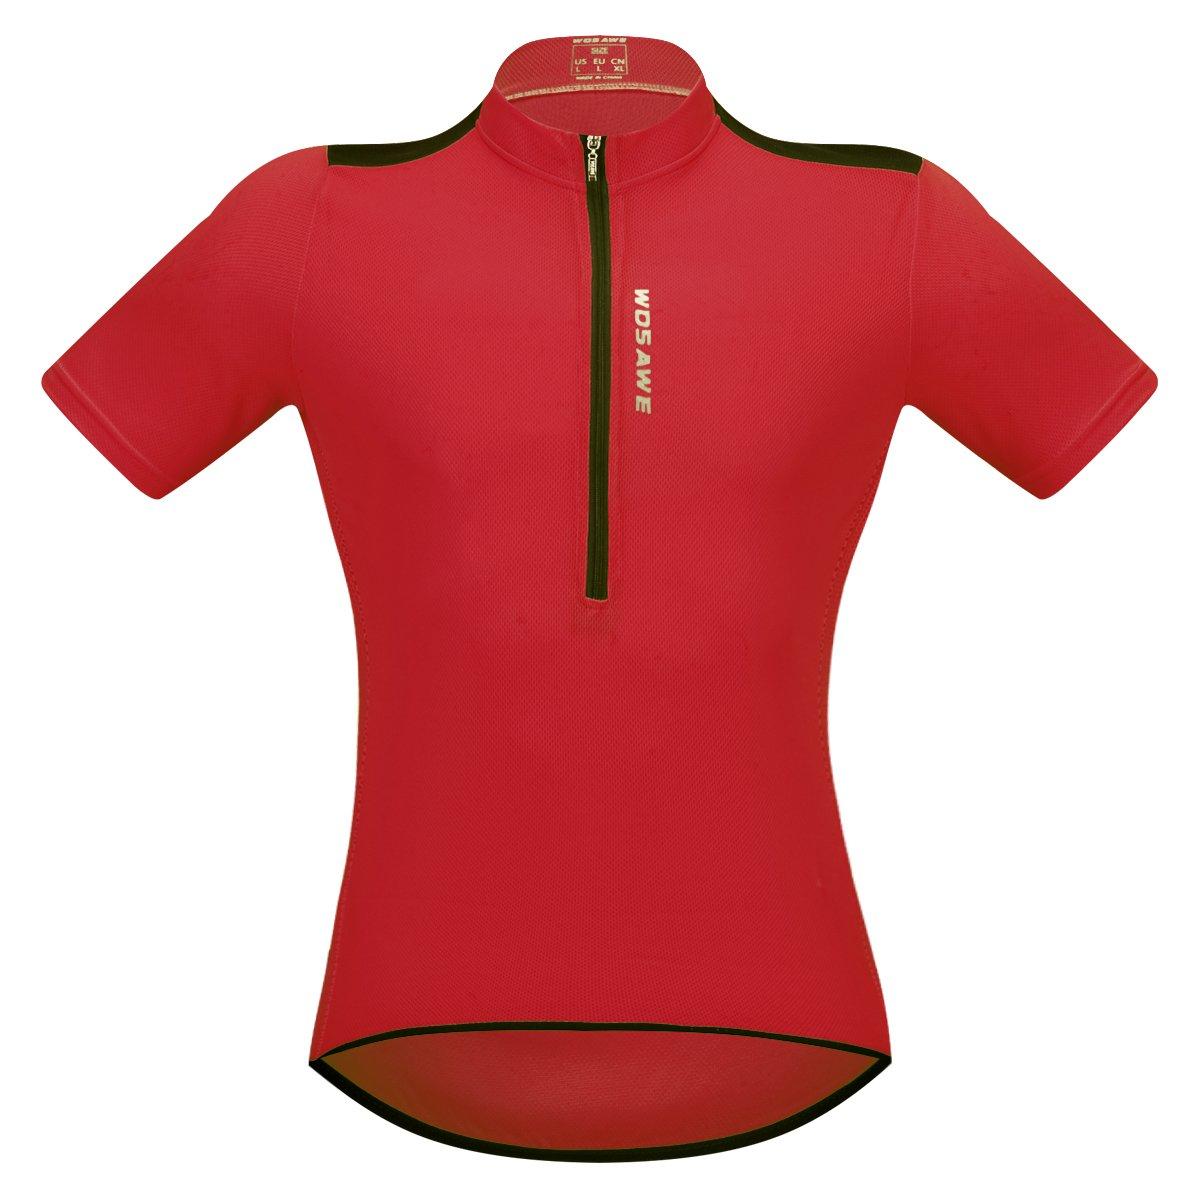 SunDay Pullover ciclismo uomo manica corta traspirante Top per bici, motociclisti, biciclette ASO